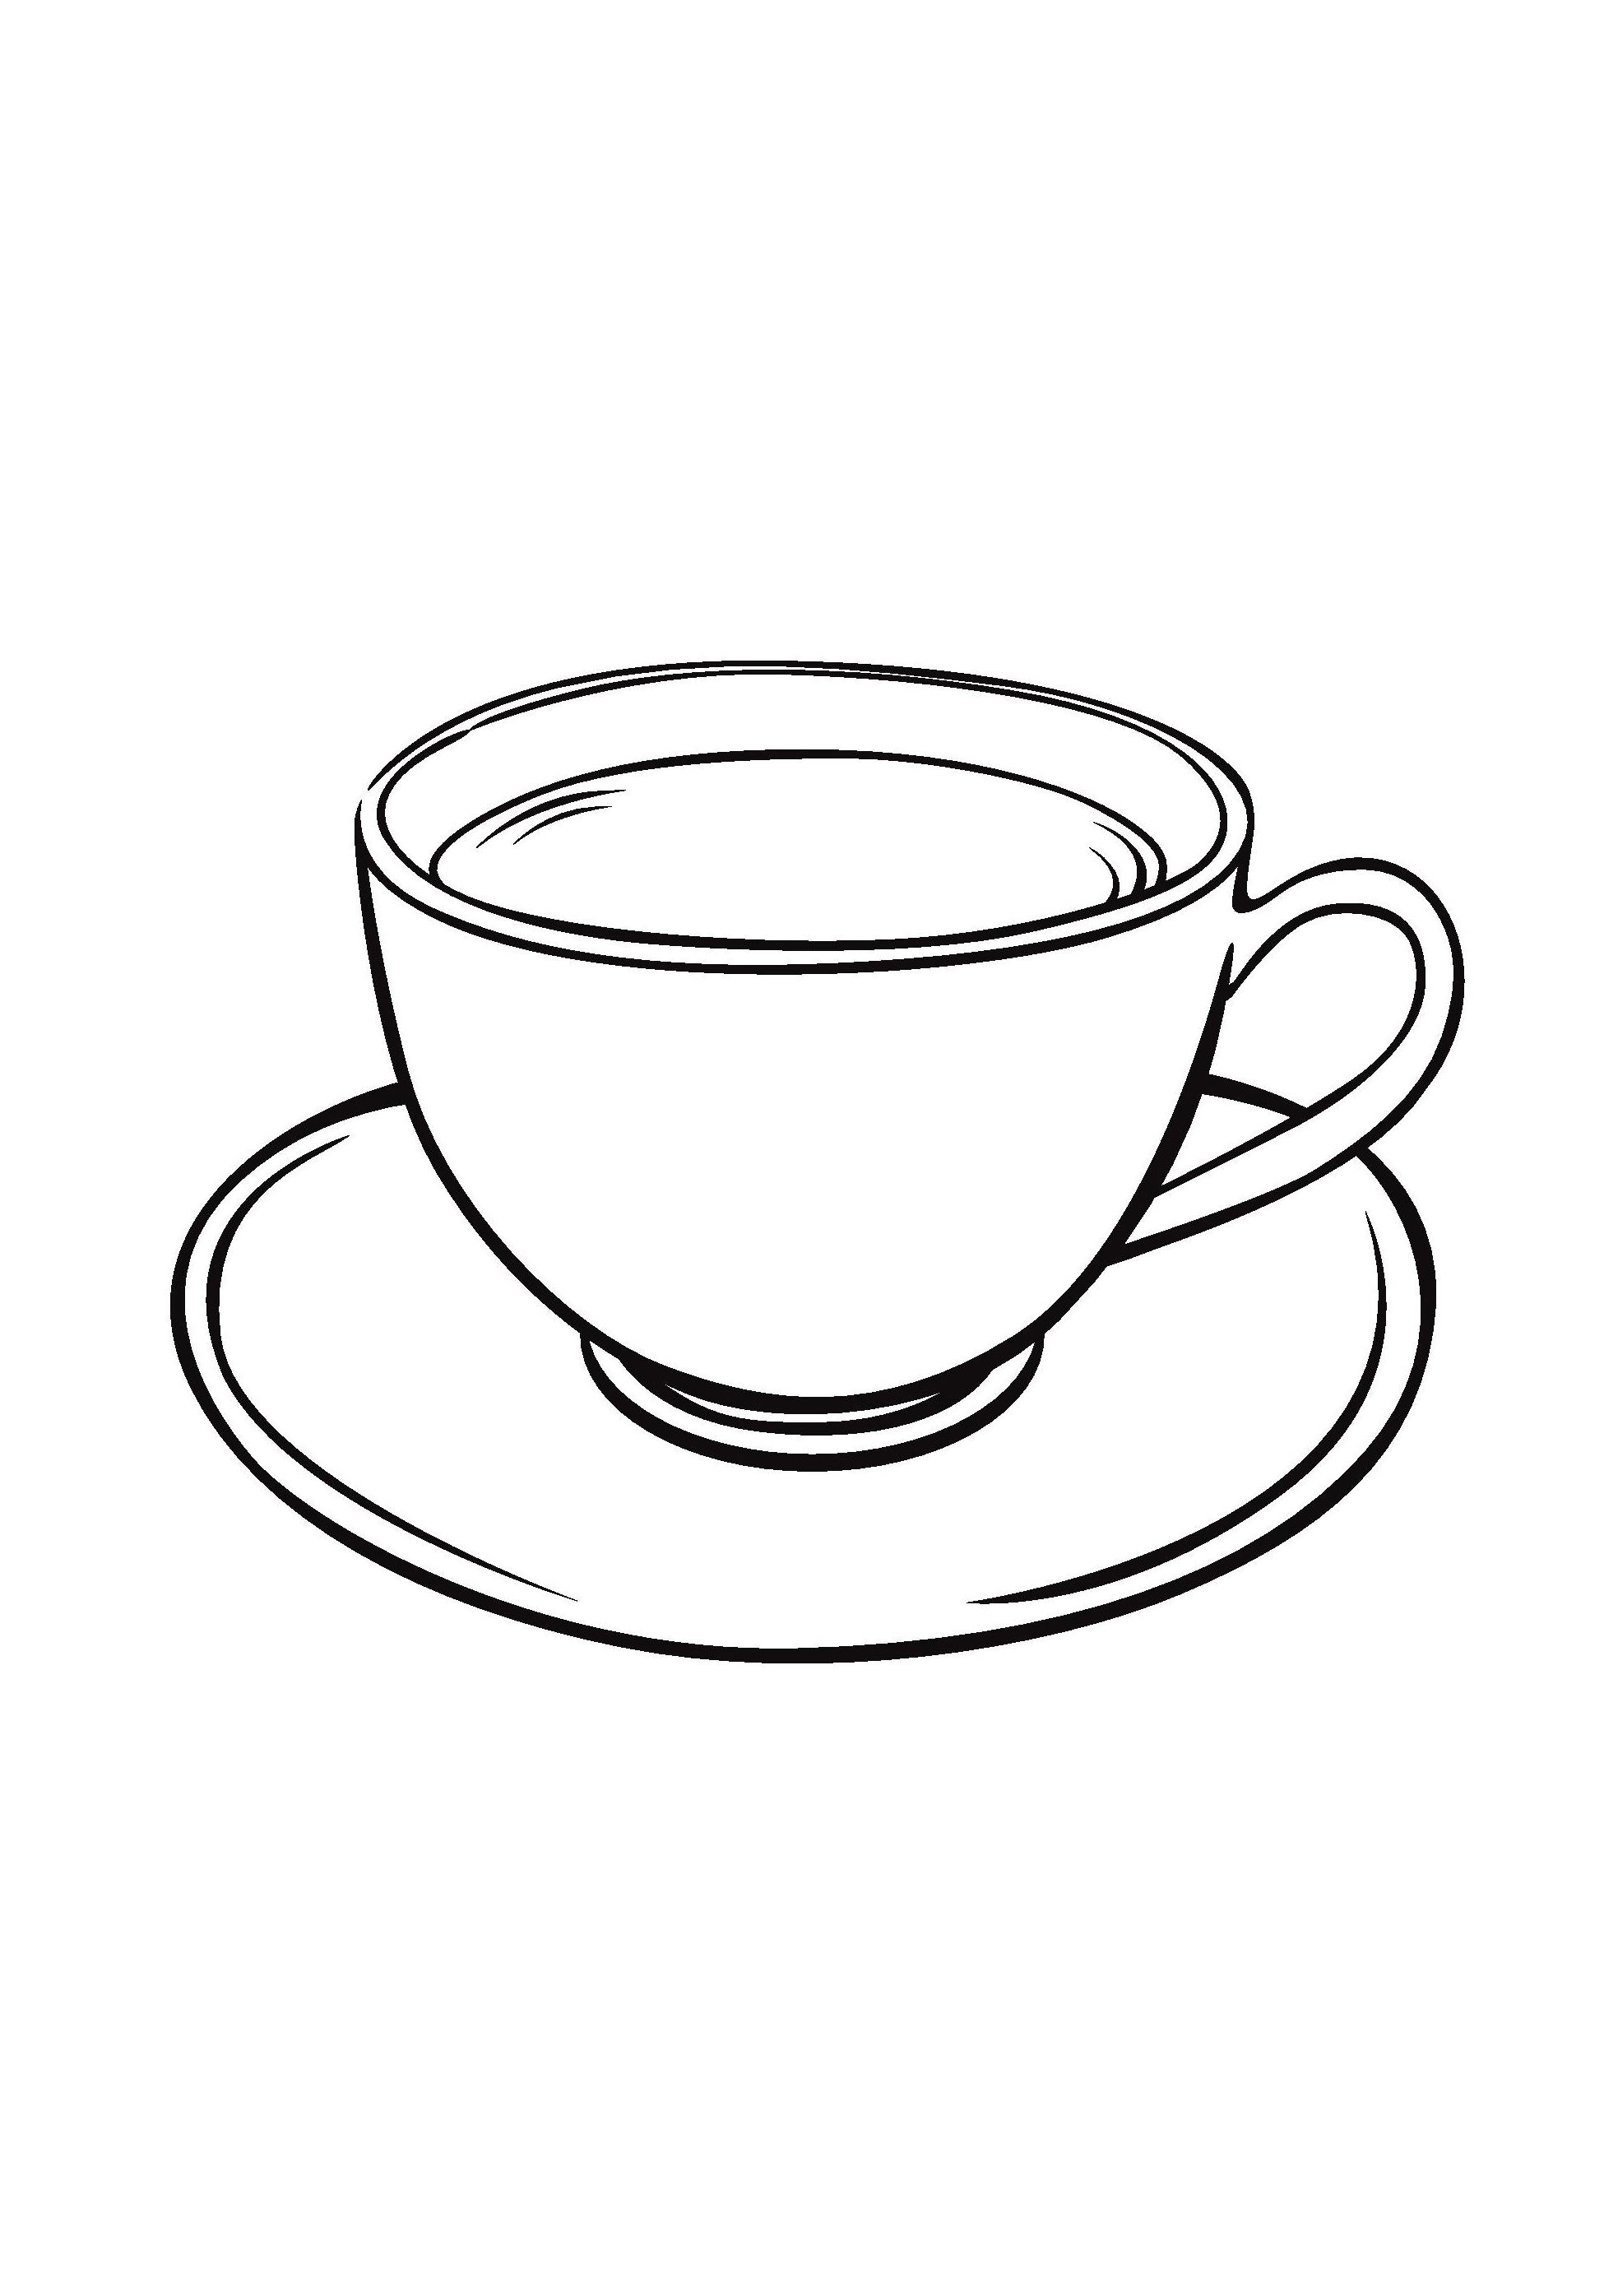 Раскраска Чашка распечатать или скачать бесплатно